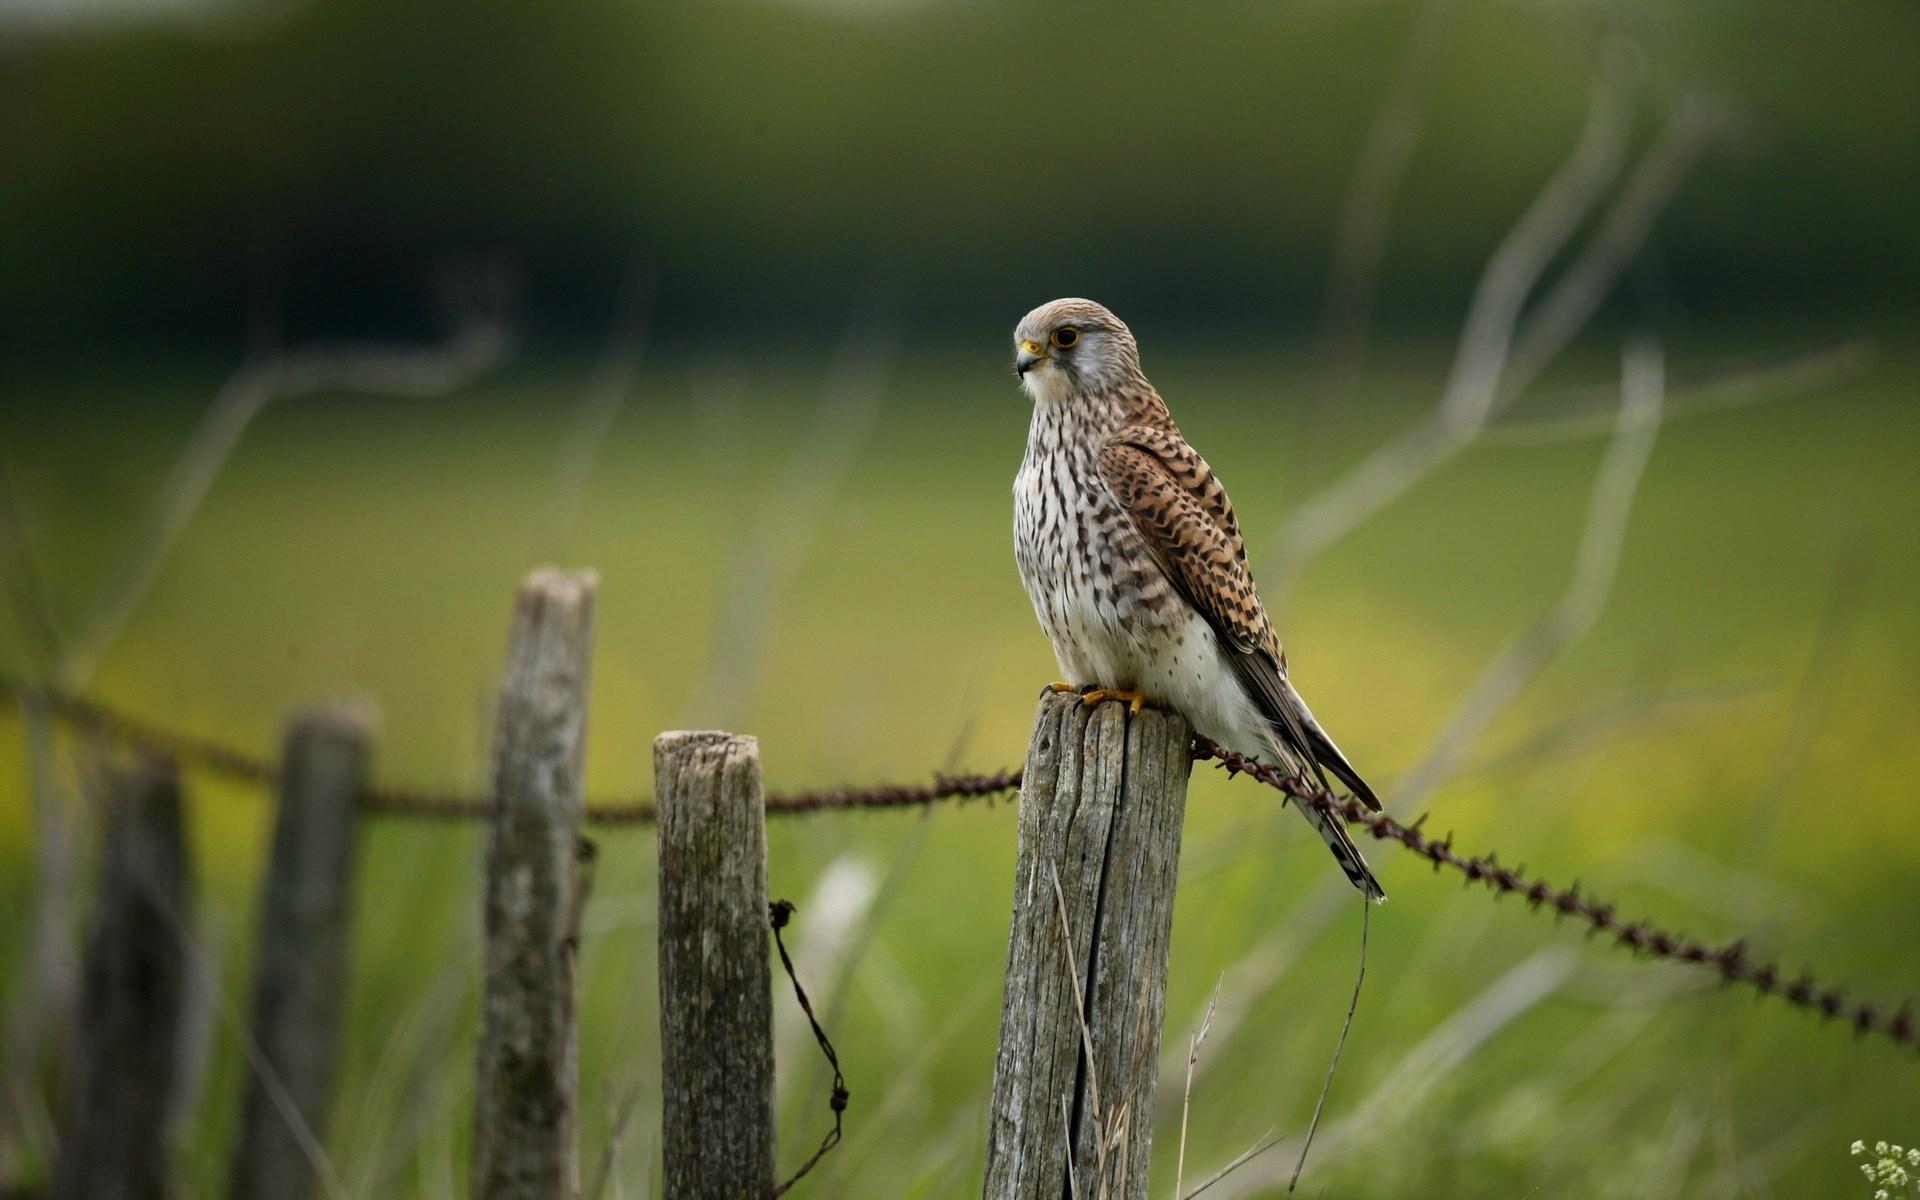 falcon wallpaper nature